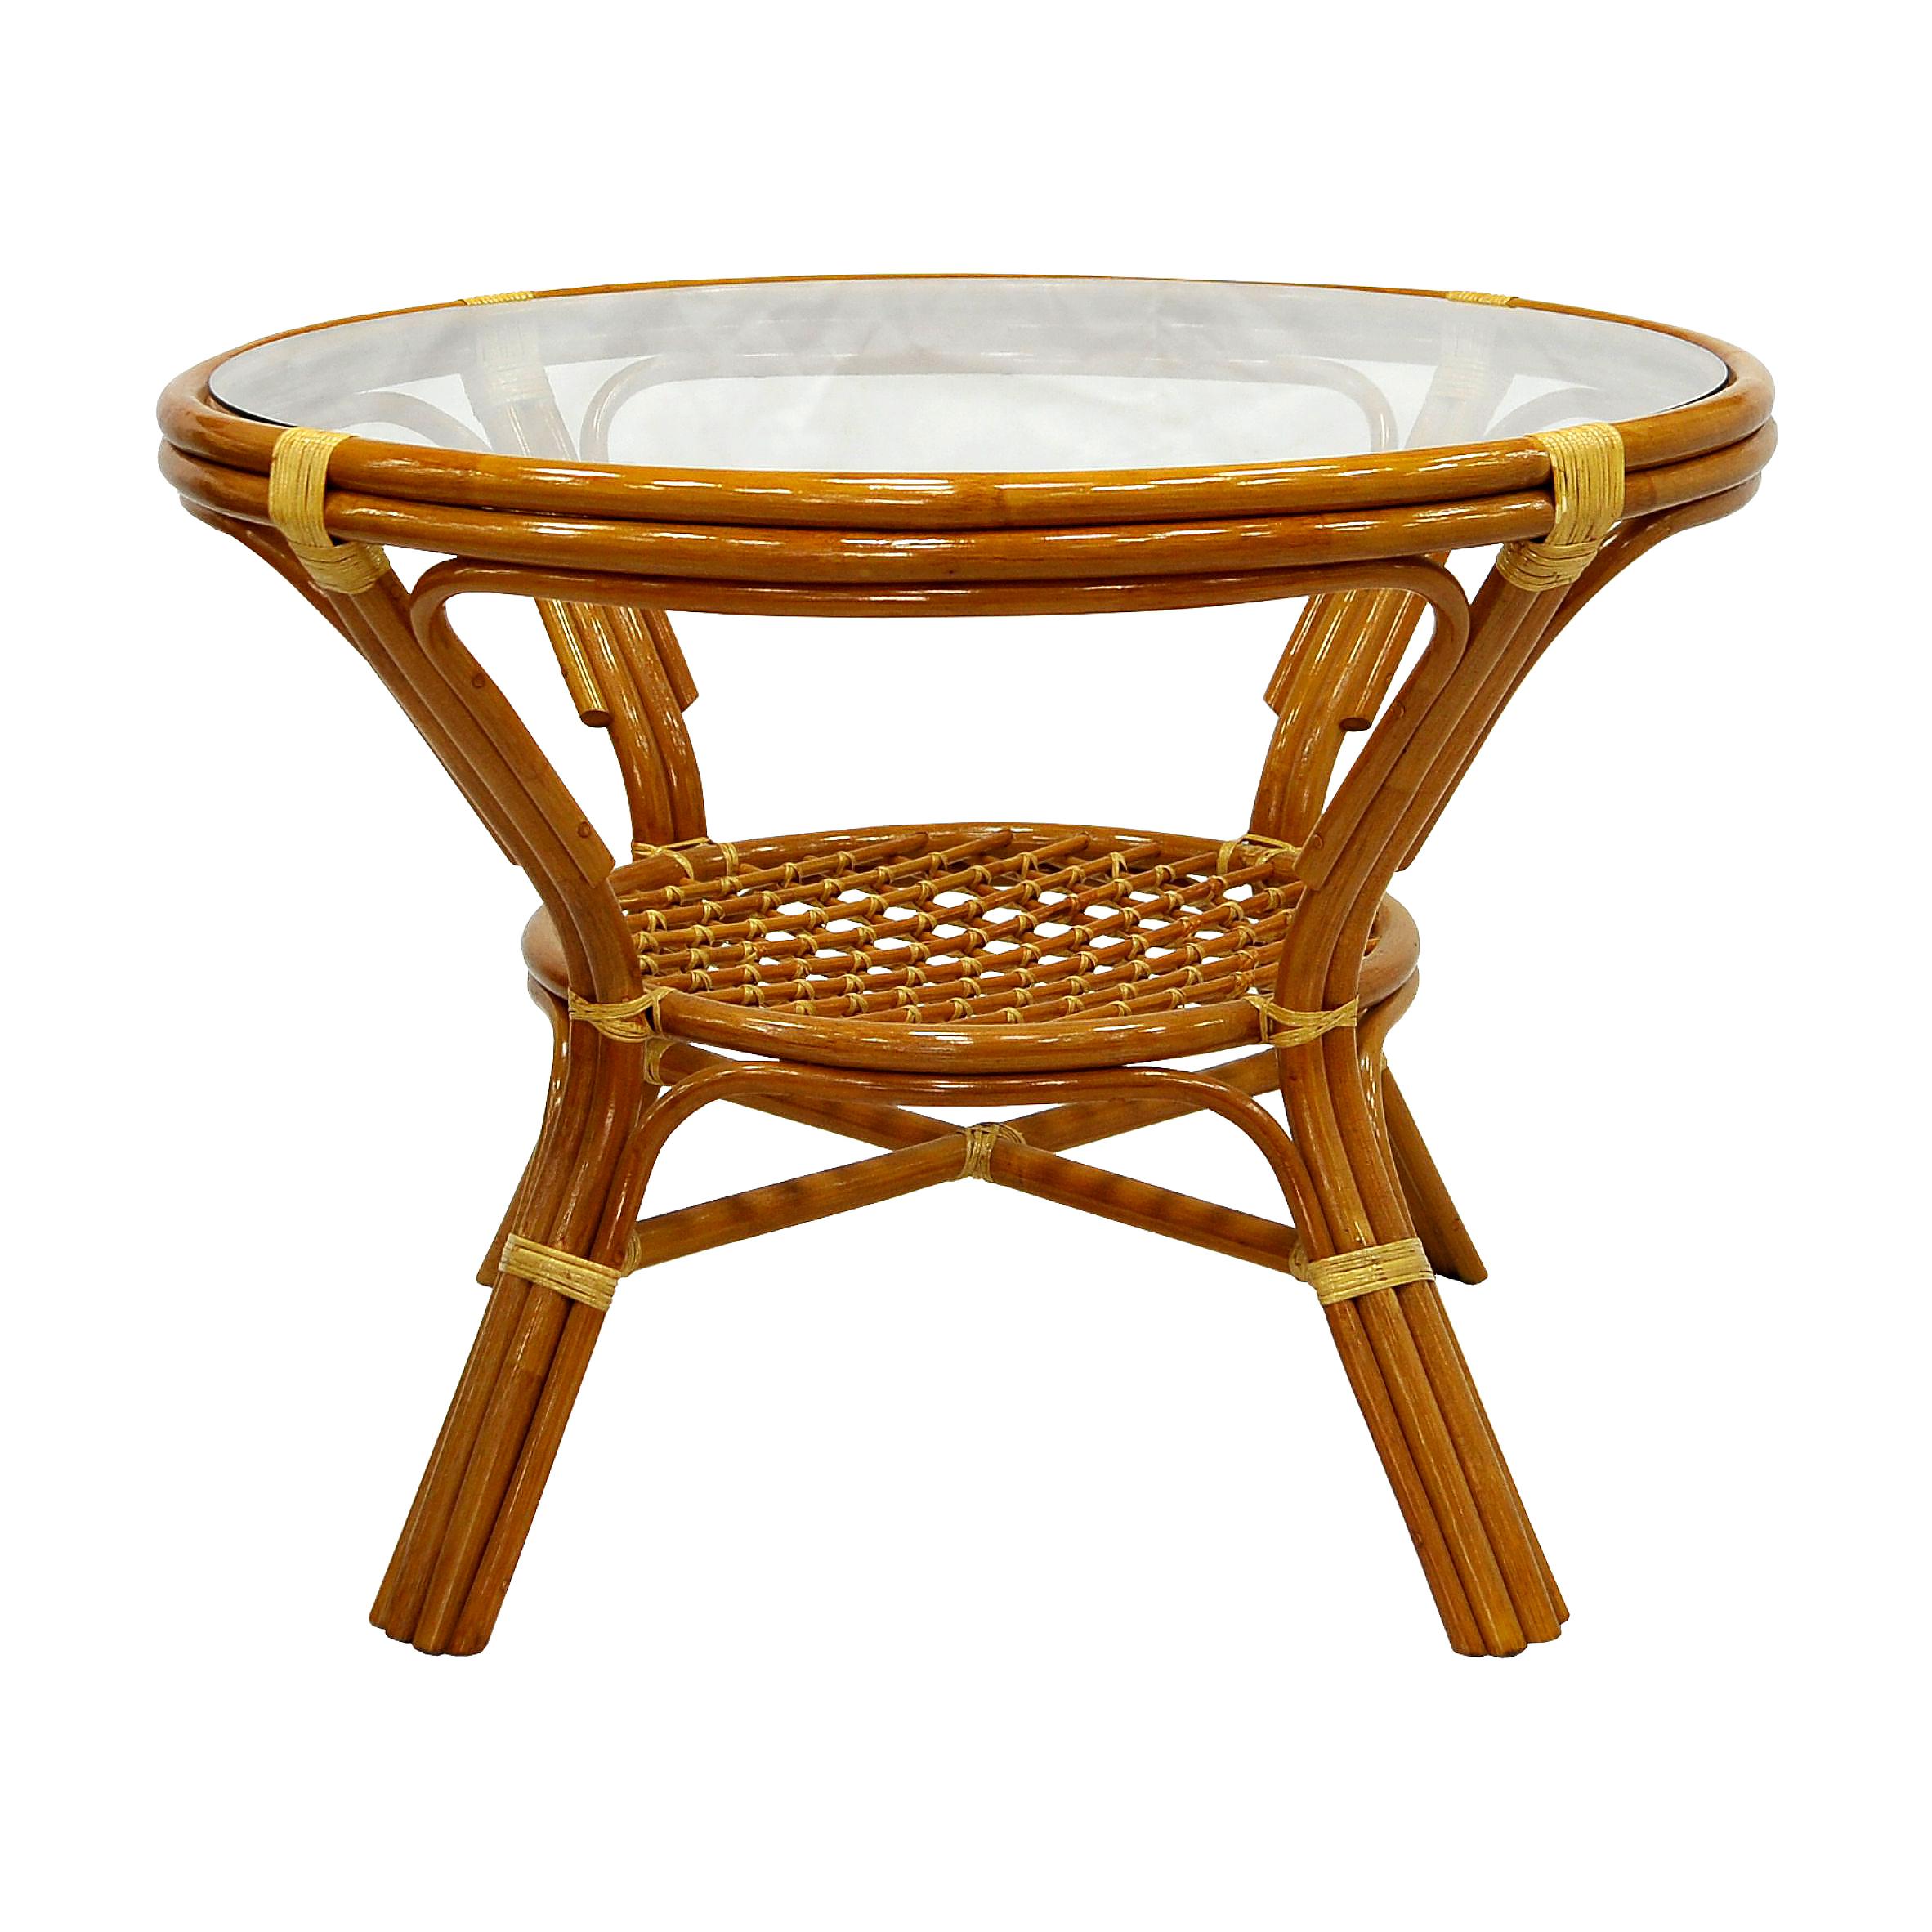 Стол обеденныйСтолы для улицы<br>Плетеный стол из ротанга Вы можете использовать и на свежем воздухе, ведь ротанг - устойчив к изменению температуры, не гниет, не выцветает на солнце. Стекло вставляется в паз.<br><br>Material: Ротанг<br>Height см: 75<br>Diameter см: 104